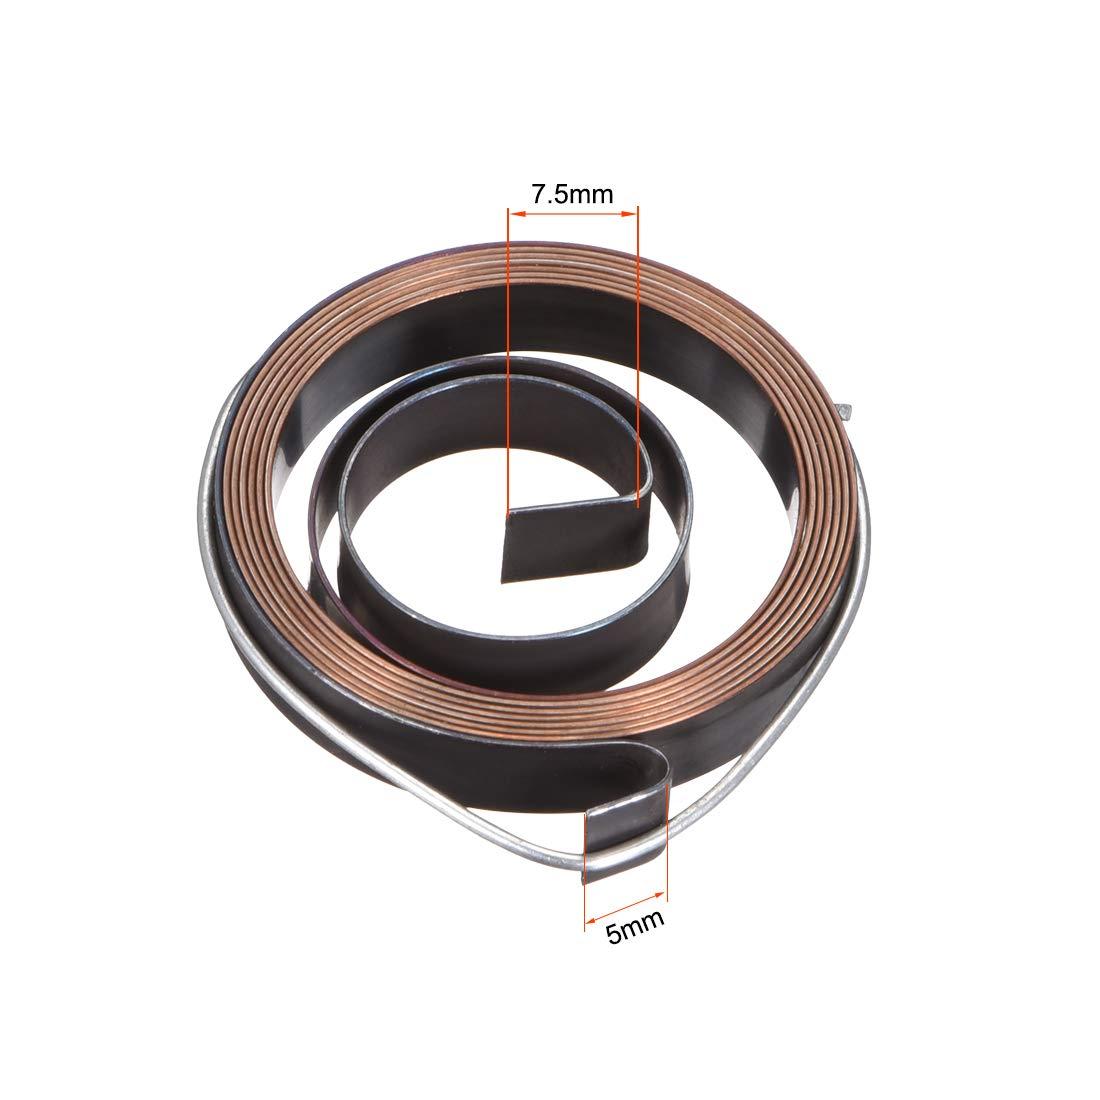 sourcing map 2 unids taladro prensa de resorte de alimentaci/ón de canilla de retorno conjunto de resorte de bobina 680mm 36x8x0.8mm